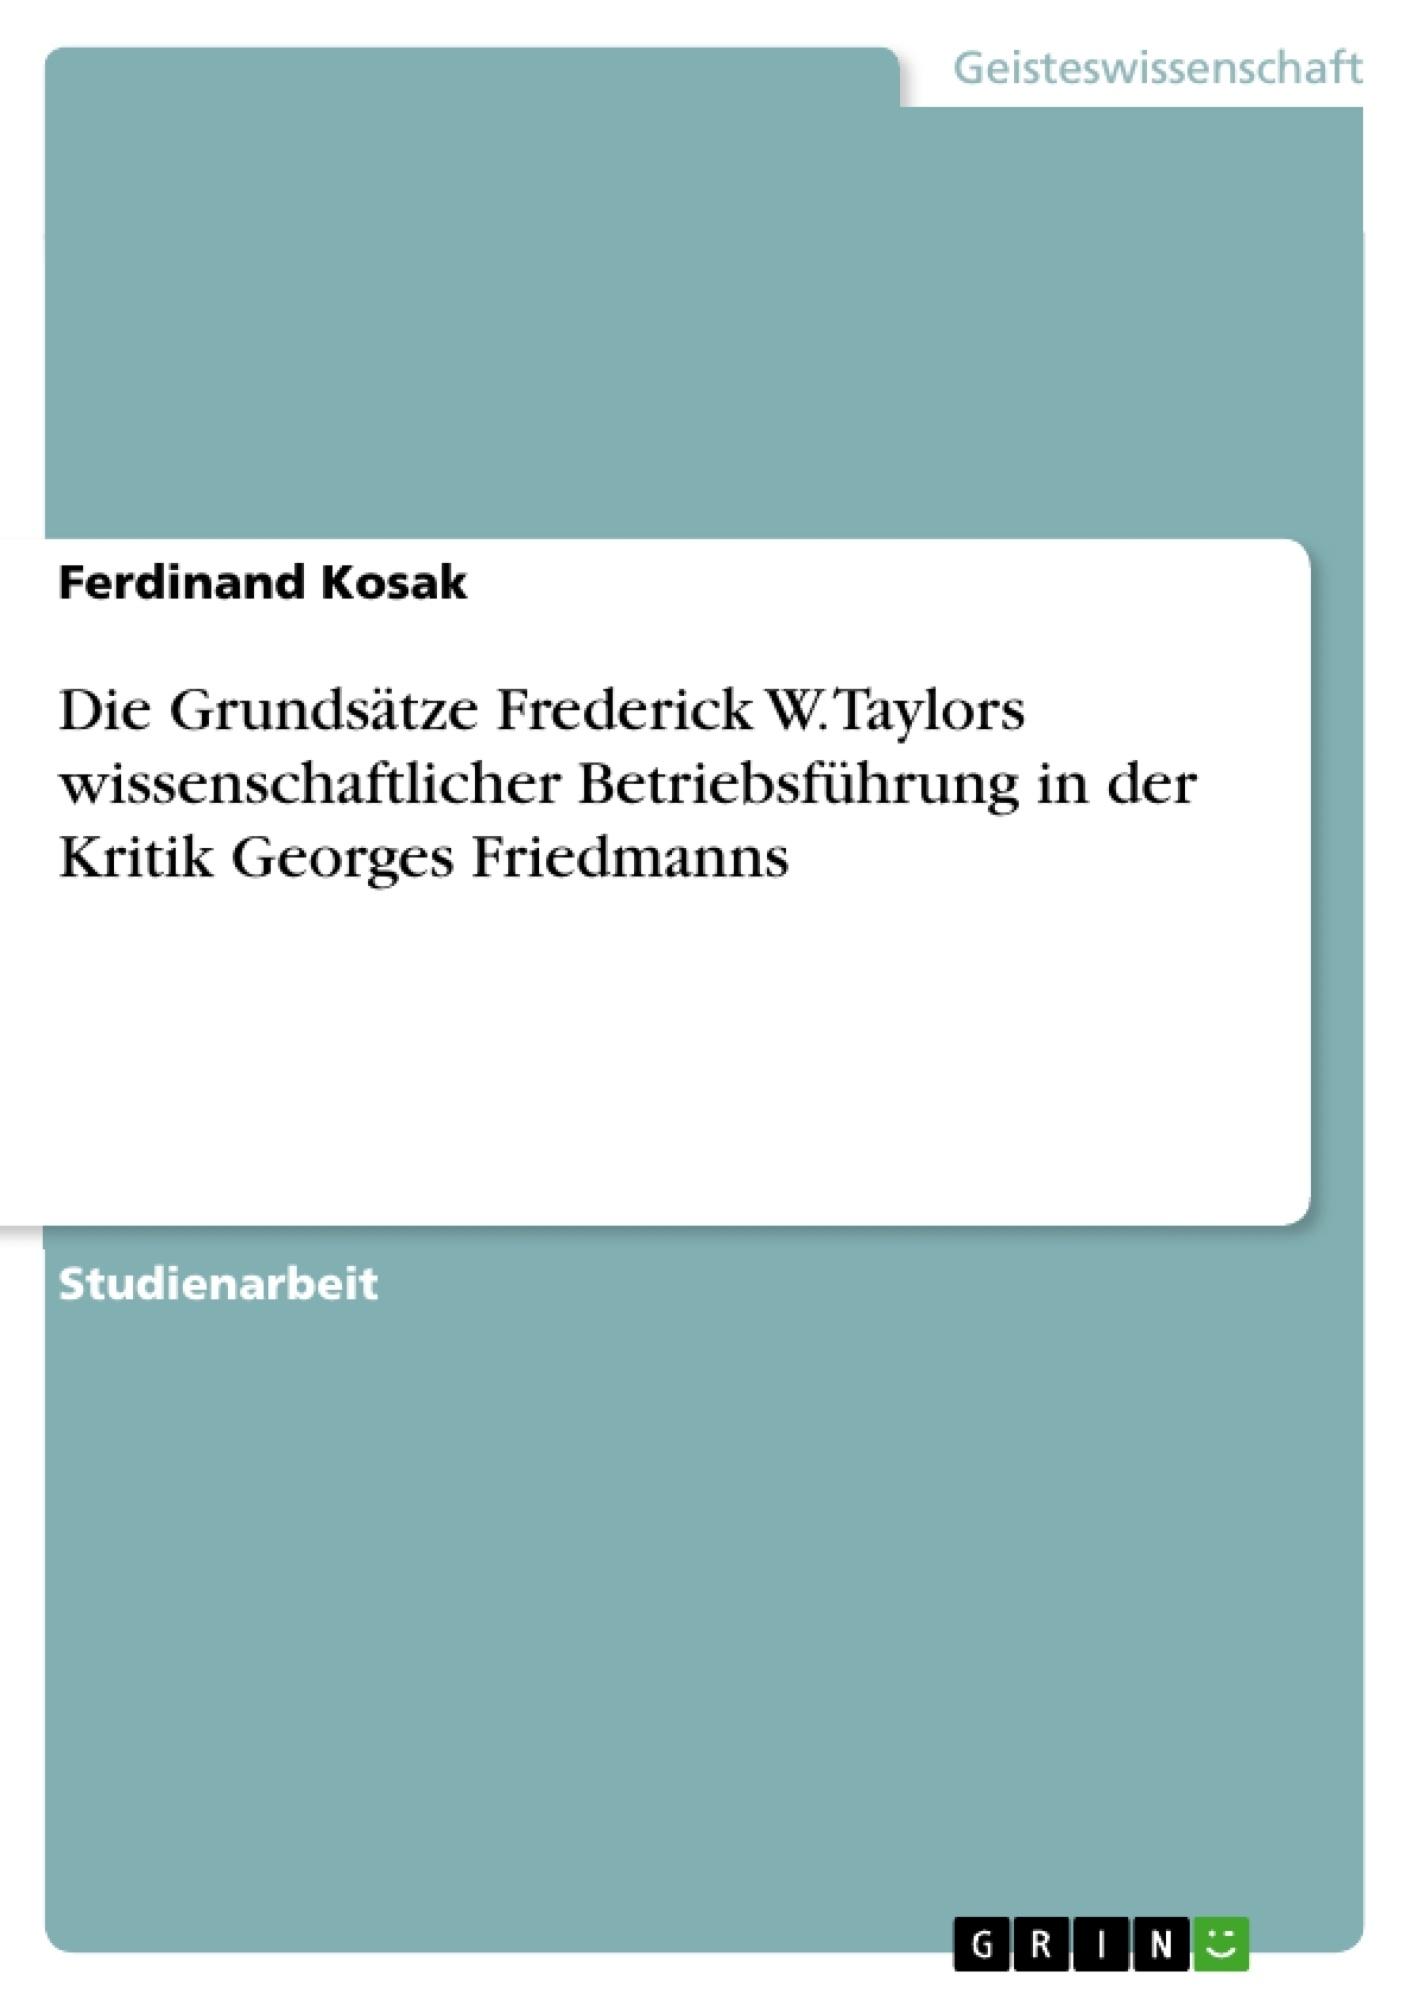 Titel: Die Grundsätze Frederick W. Taylors wissenschaftlicher Betriebsführung in der Kritik Georges Friedmanns